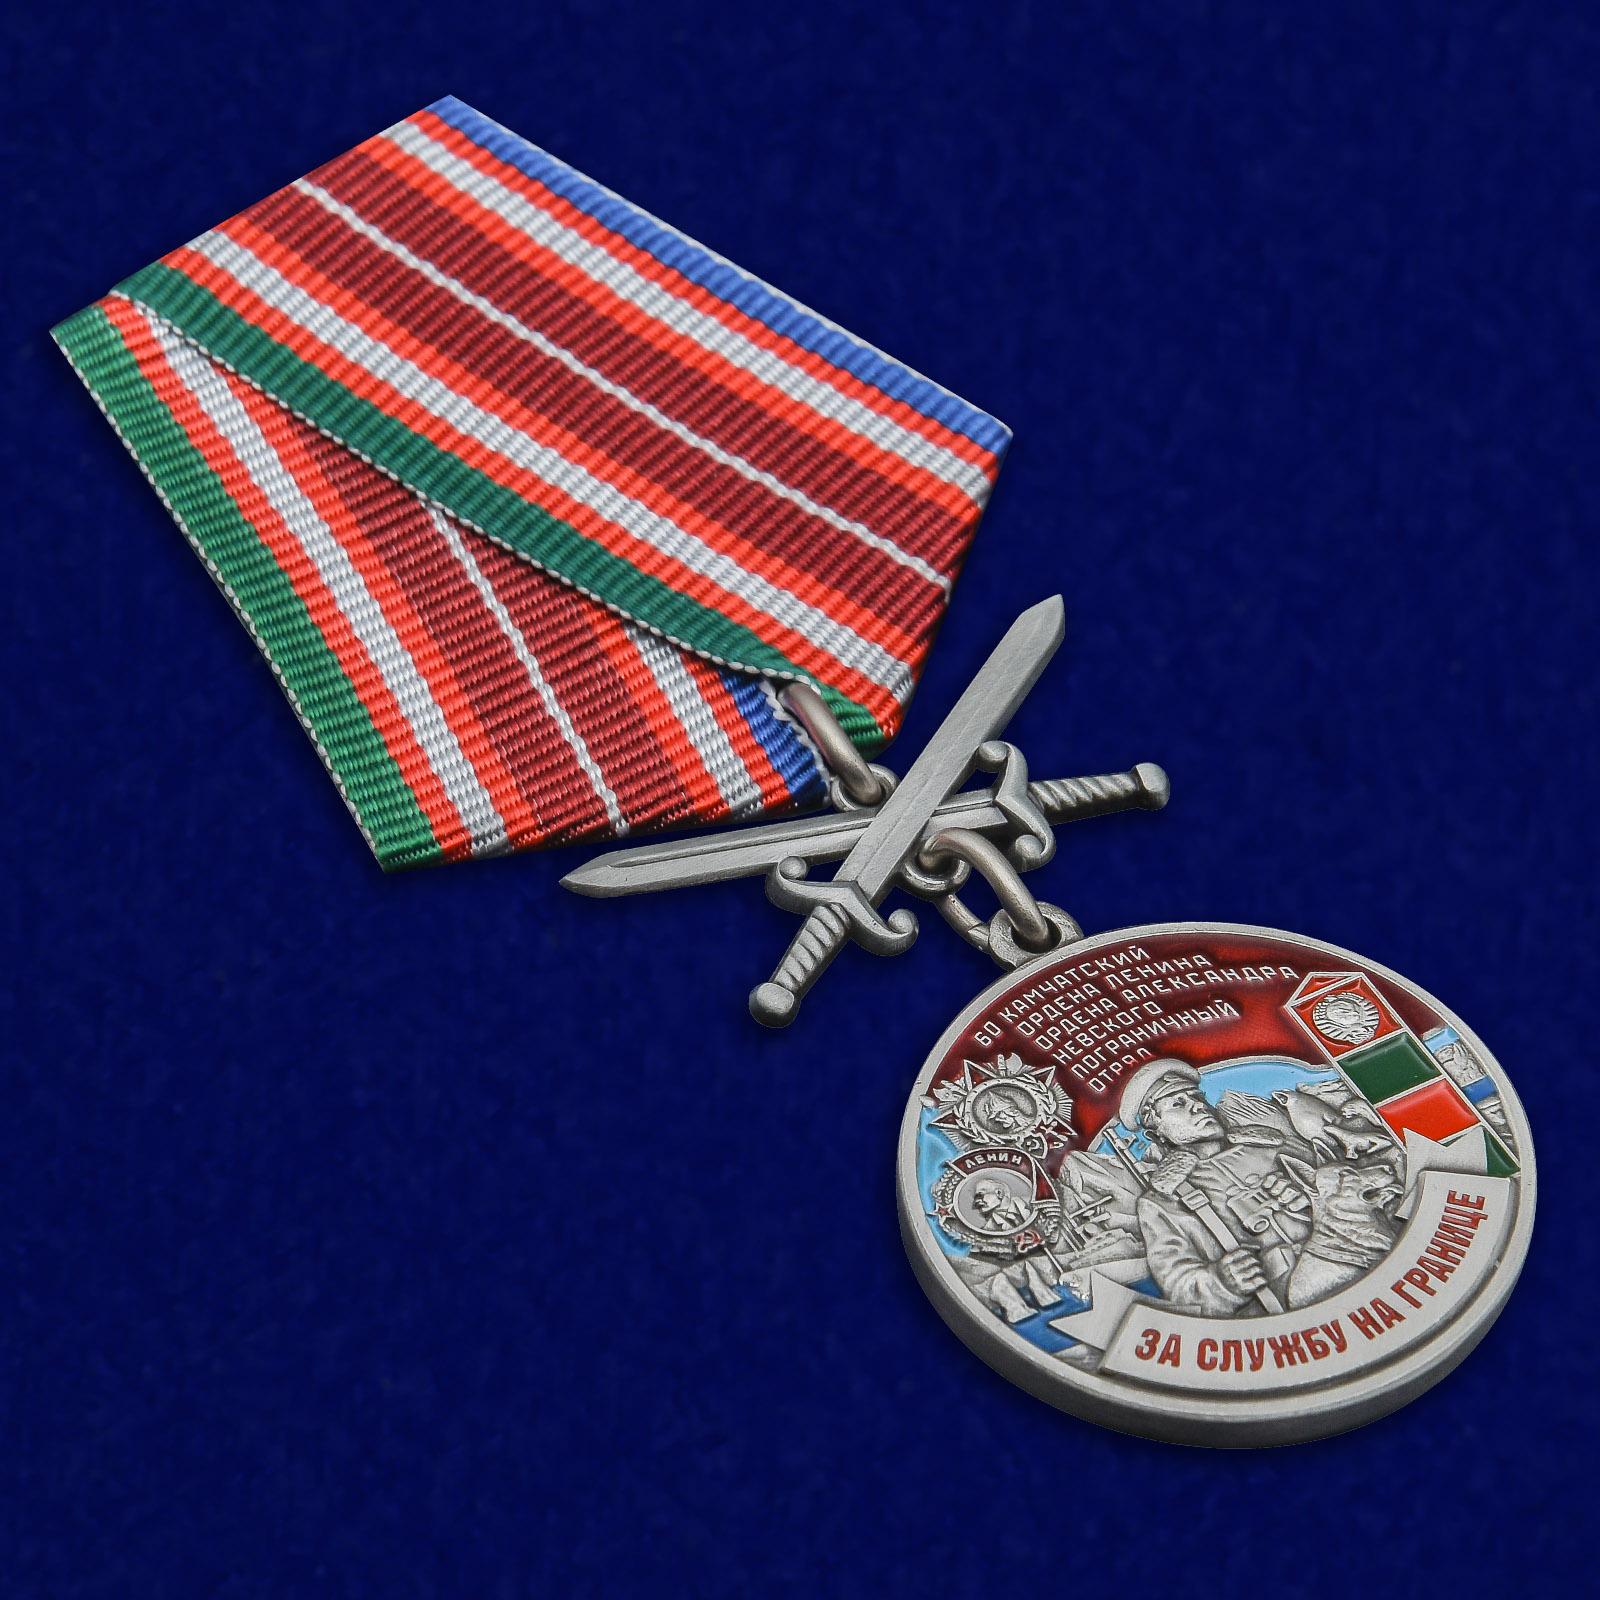 """Купить медаль """"За службу в Камчатском пограничном отряде"""""""